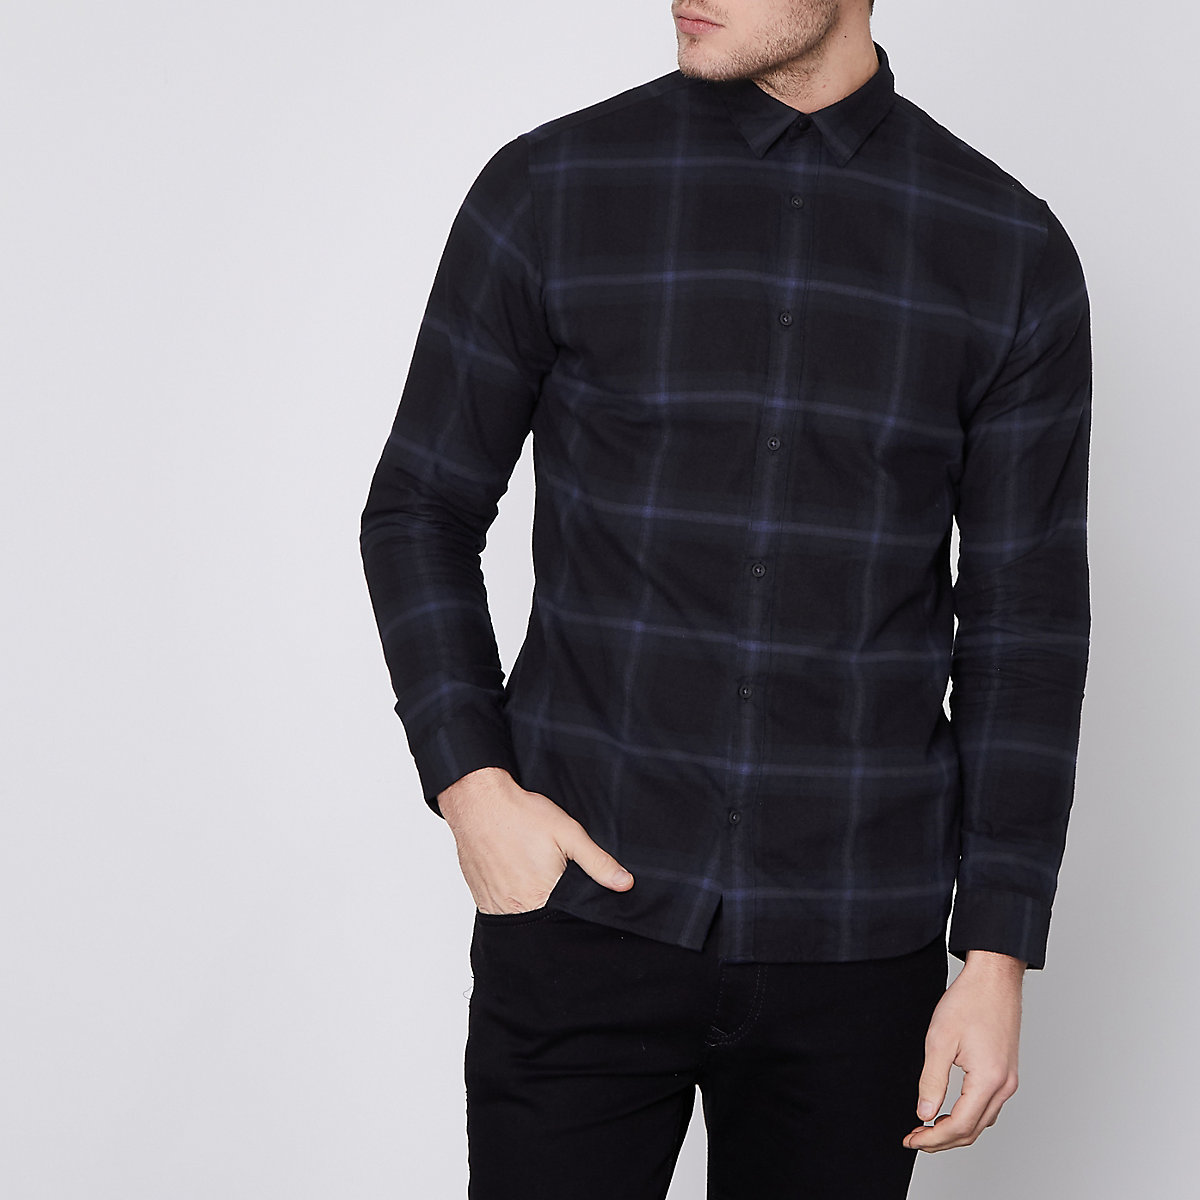 Jack & Jones Premium navy check slim shirt